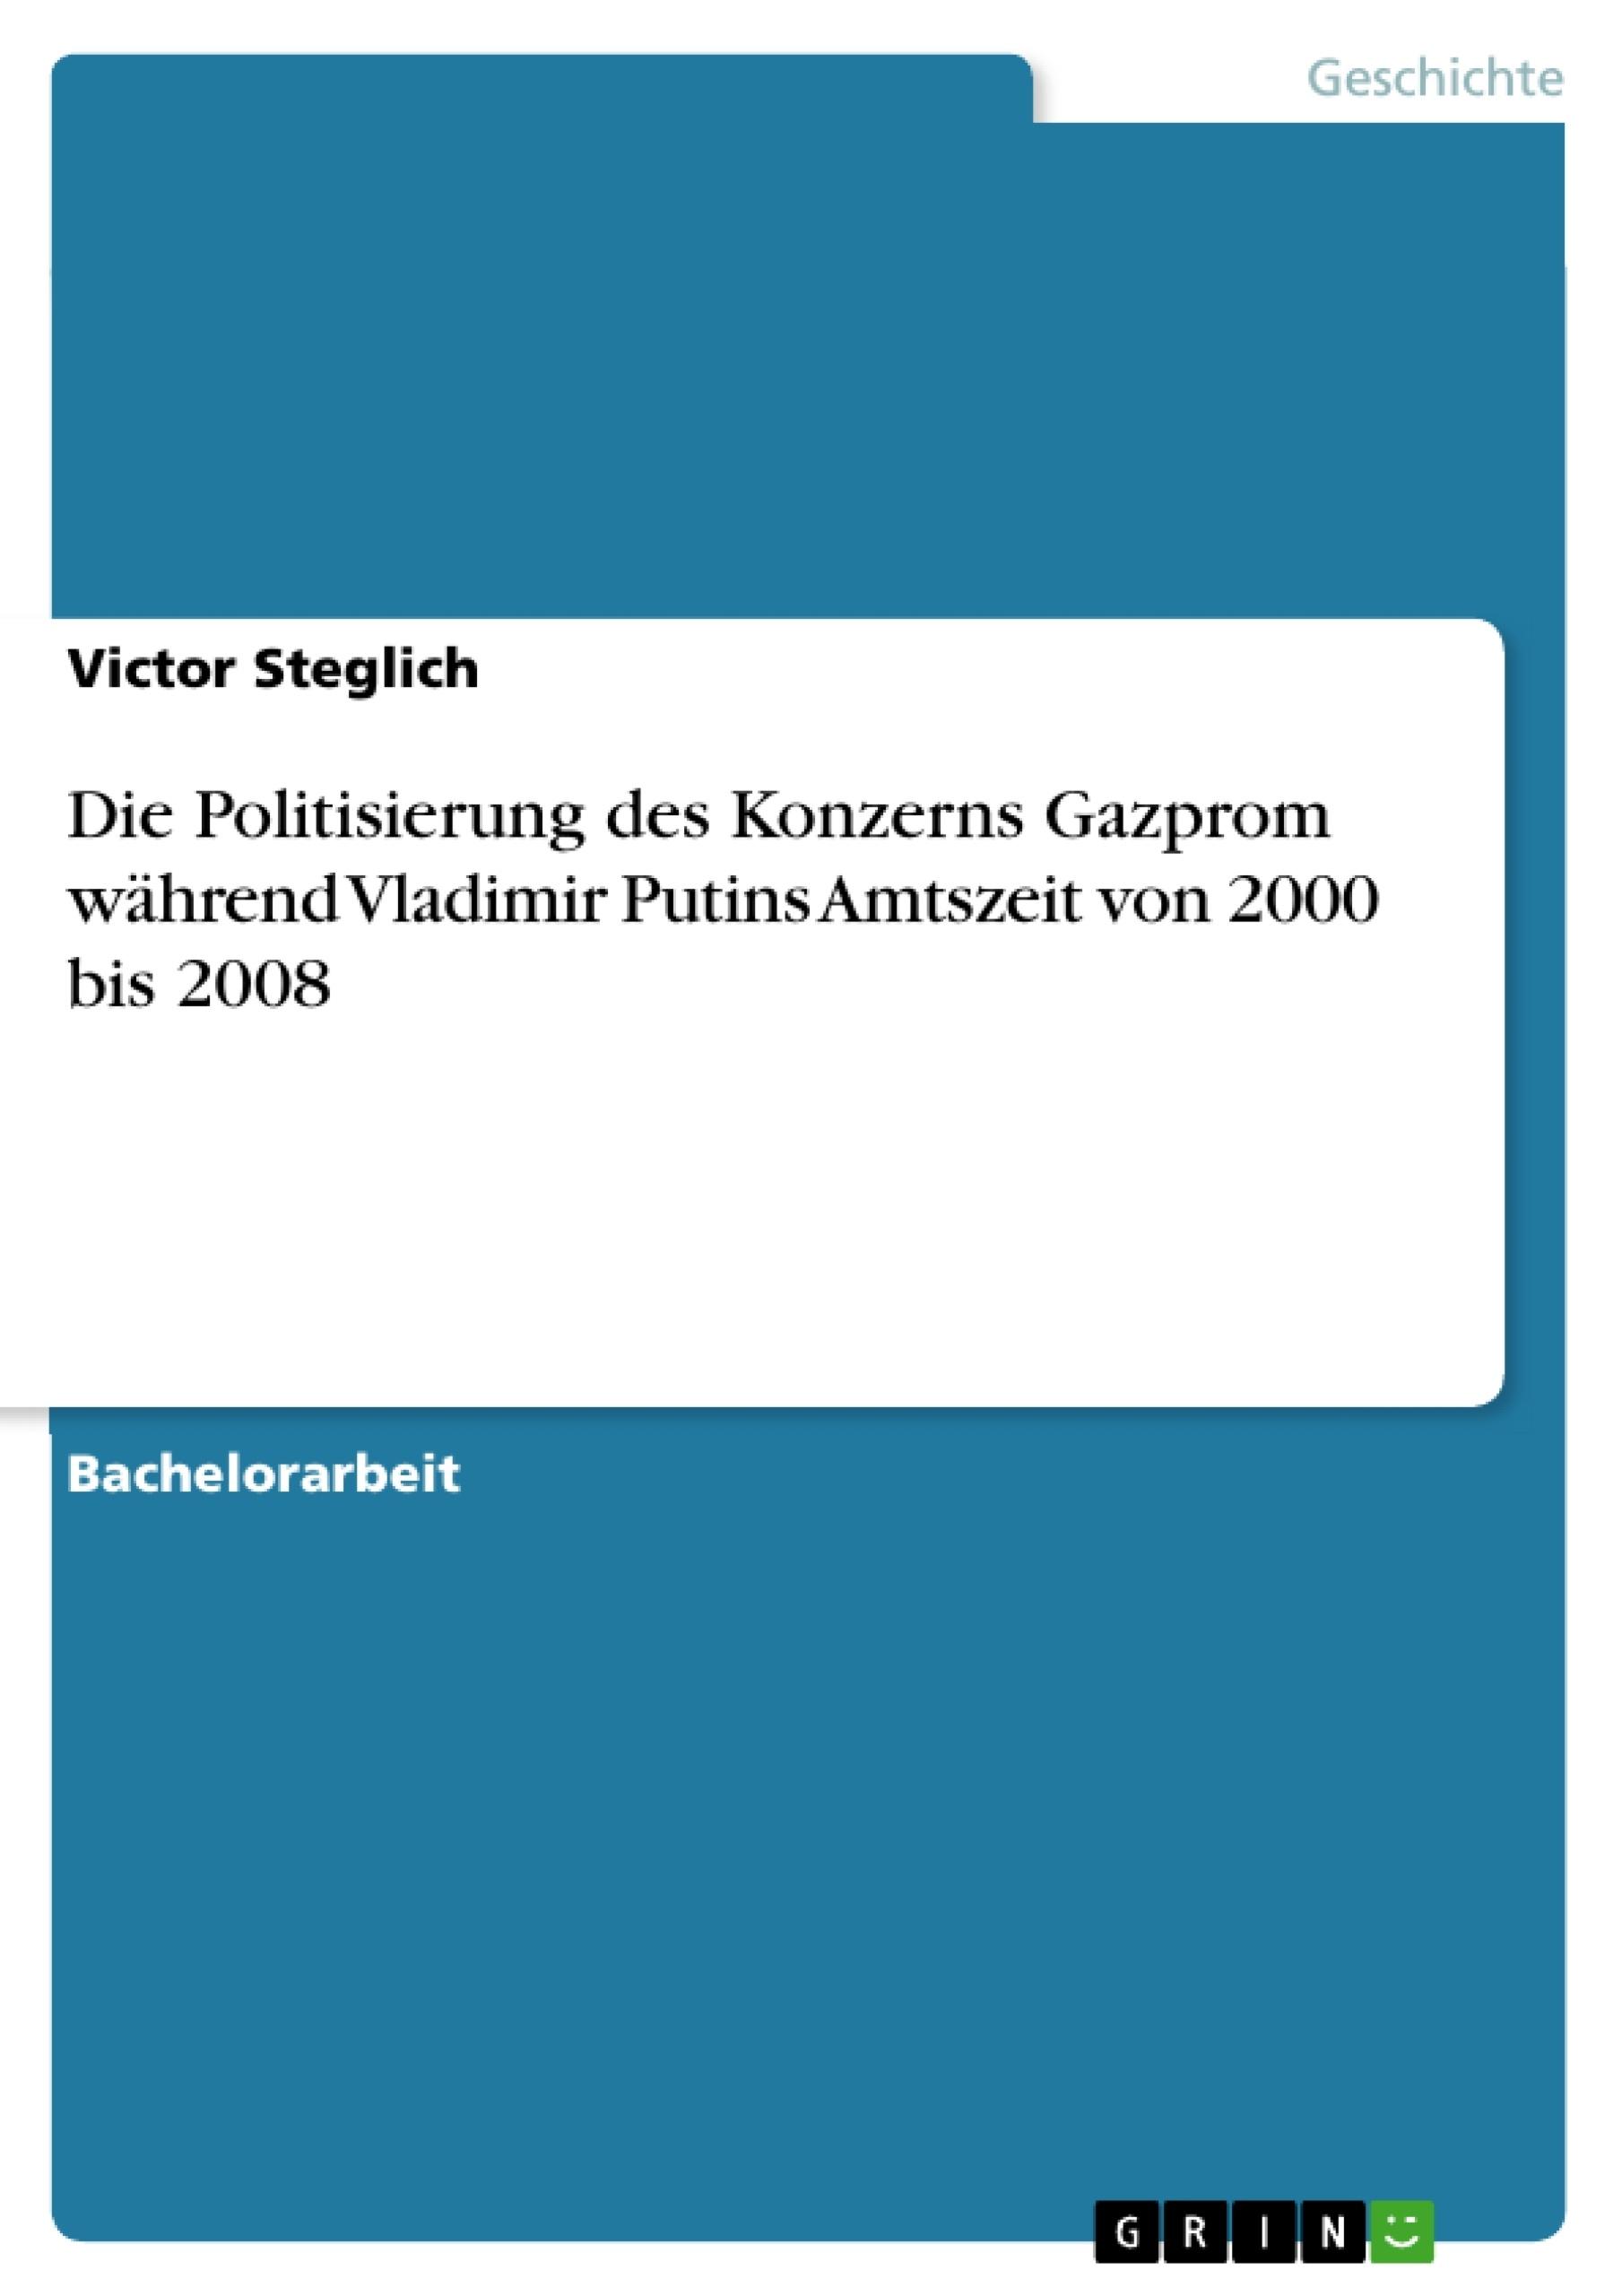 Titel: Die Politisierung des Konzerns Gazprom während Vladimir Putins Amtszeit von 2000 bis 2008